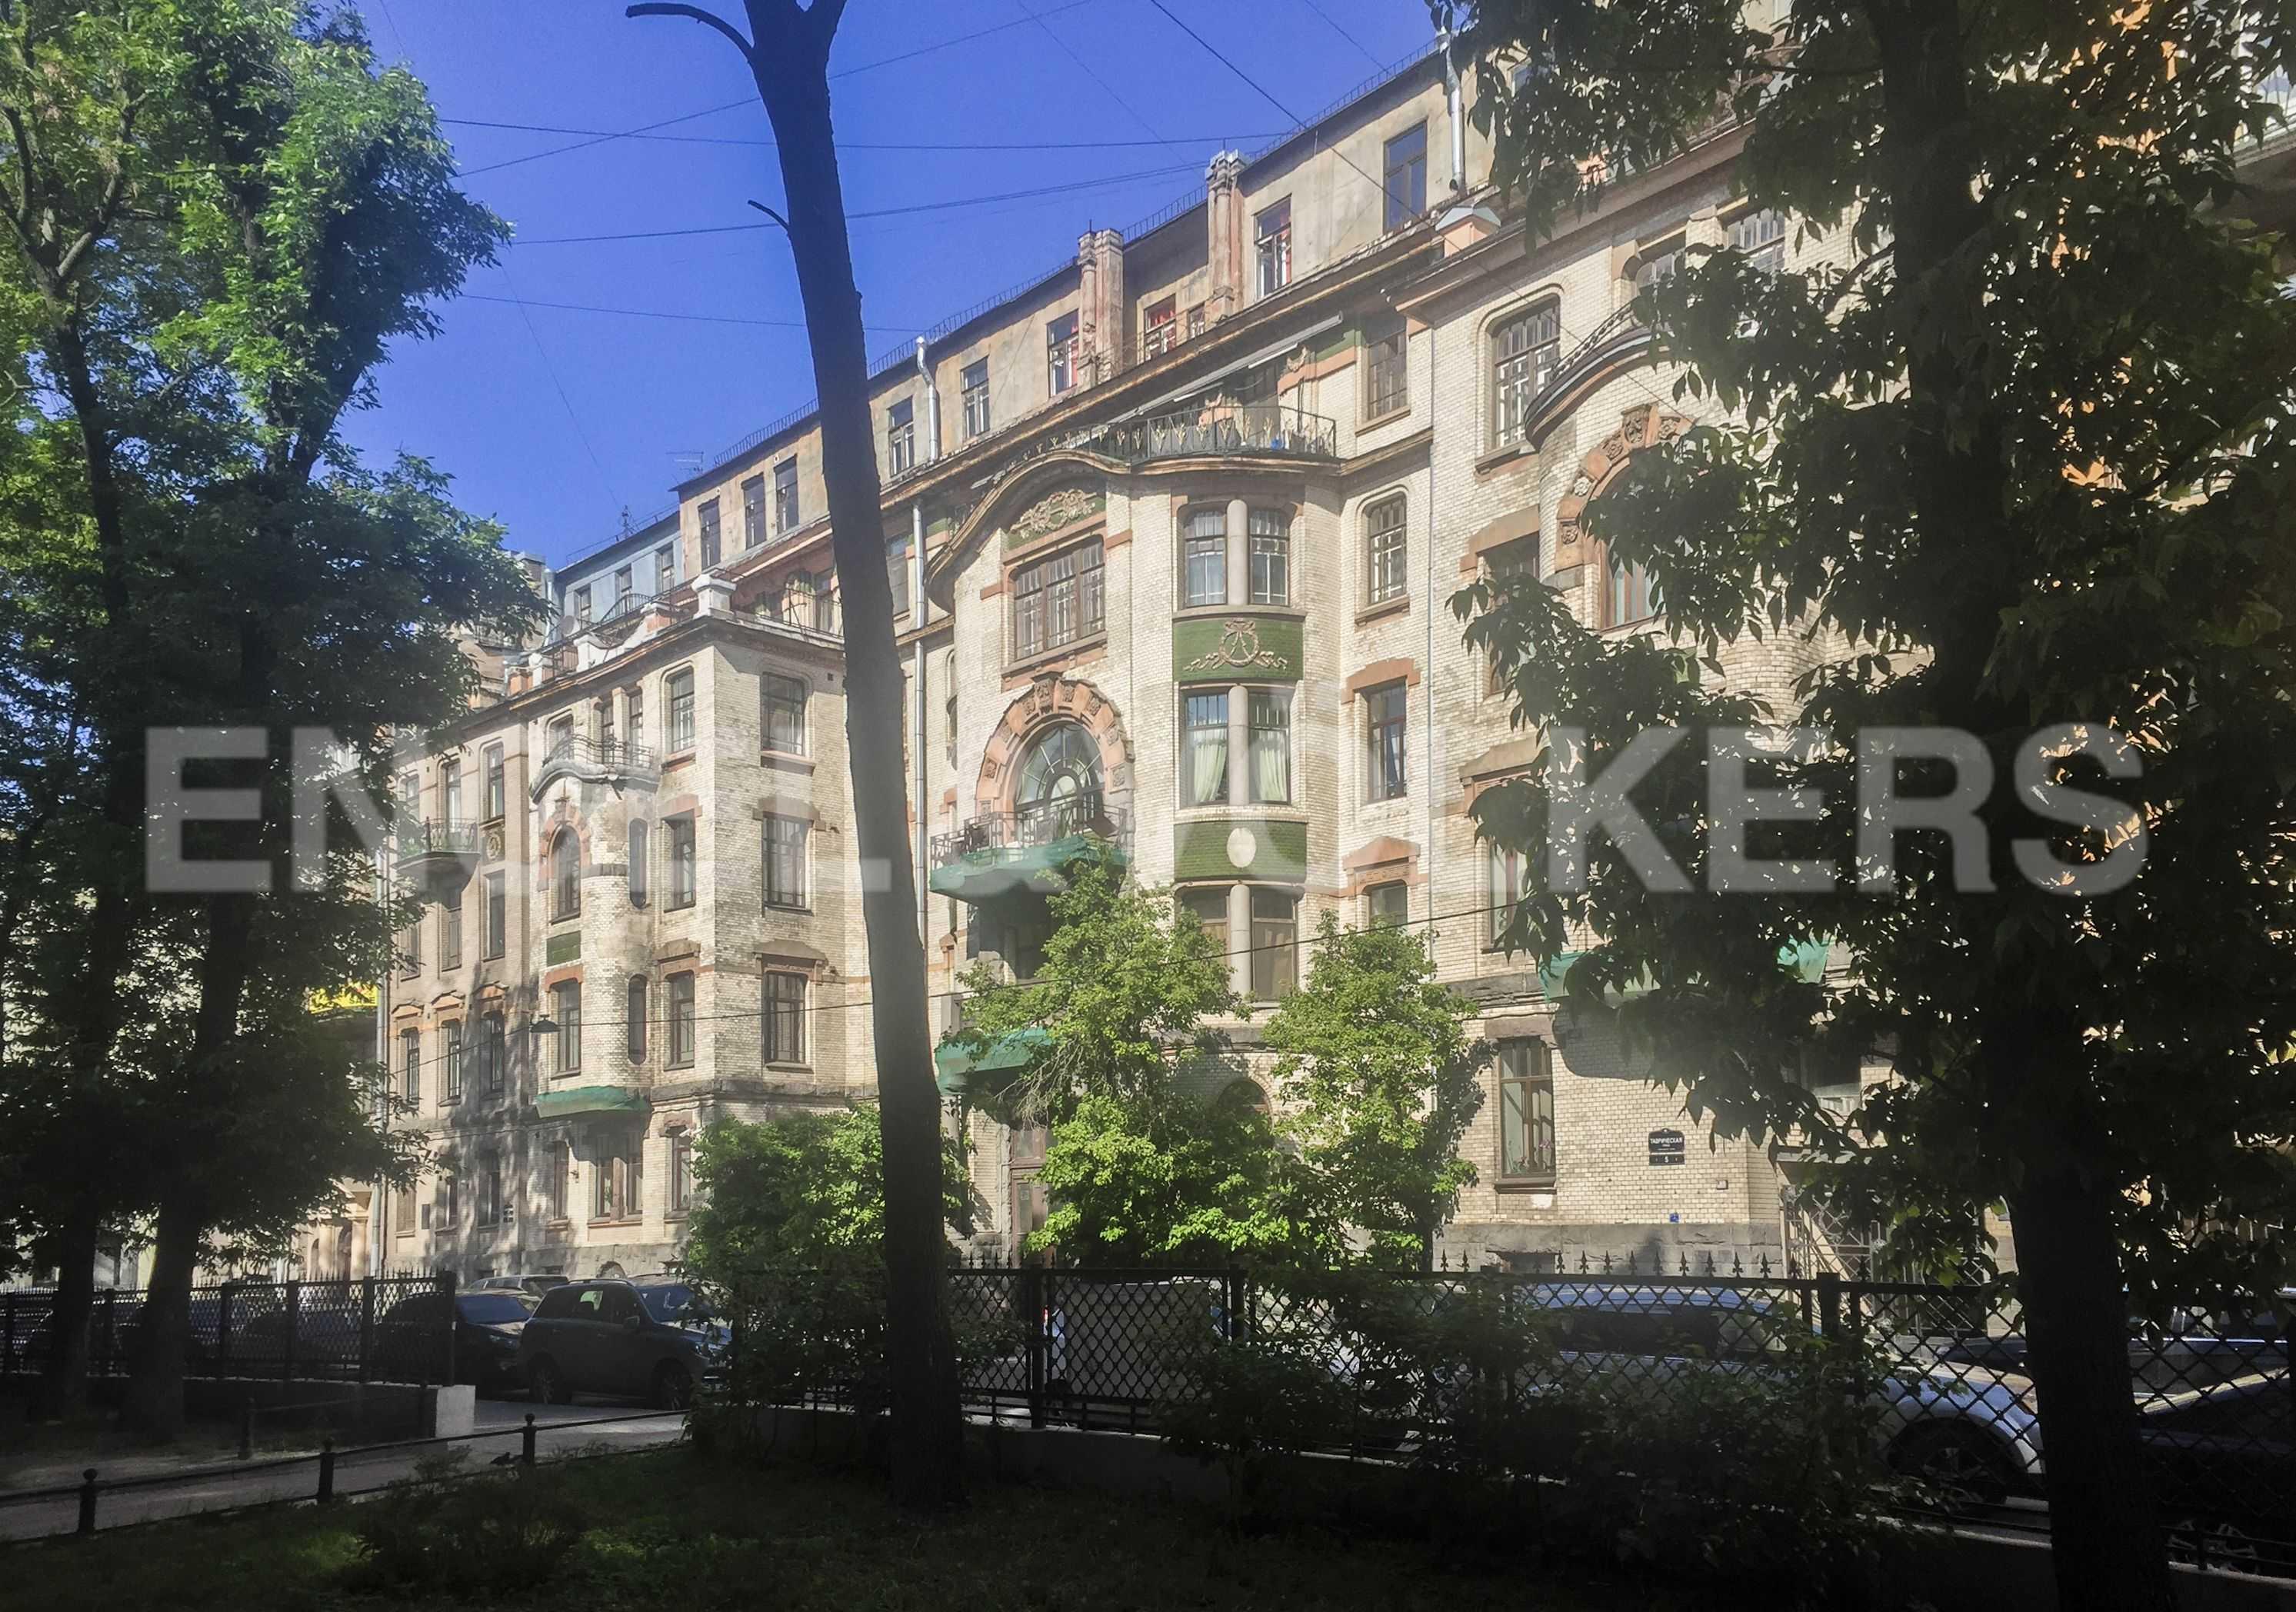 Элитные квартиры в Центральном районе. Санкт-Петербург, Таврическая, 5. Фасад дома